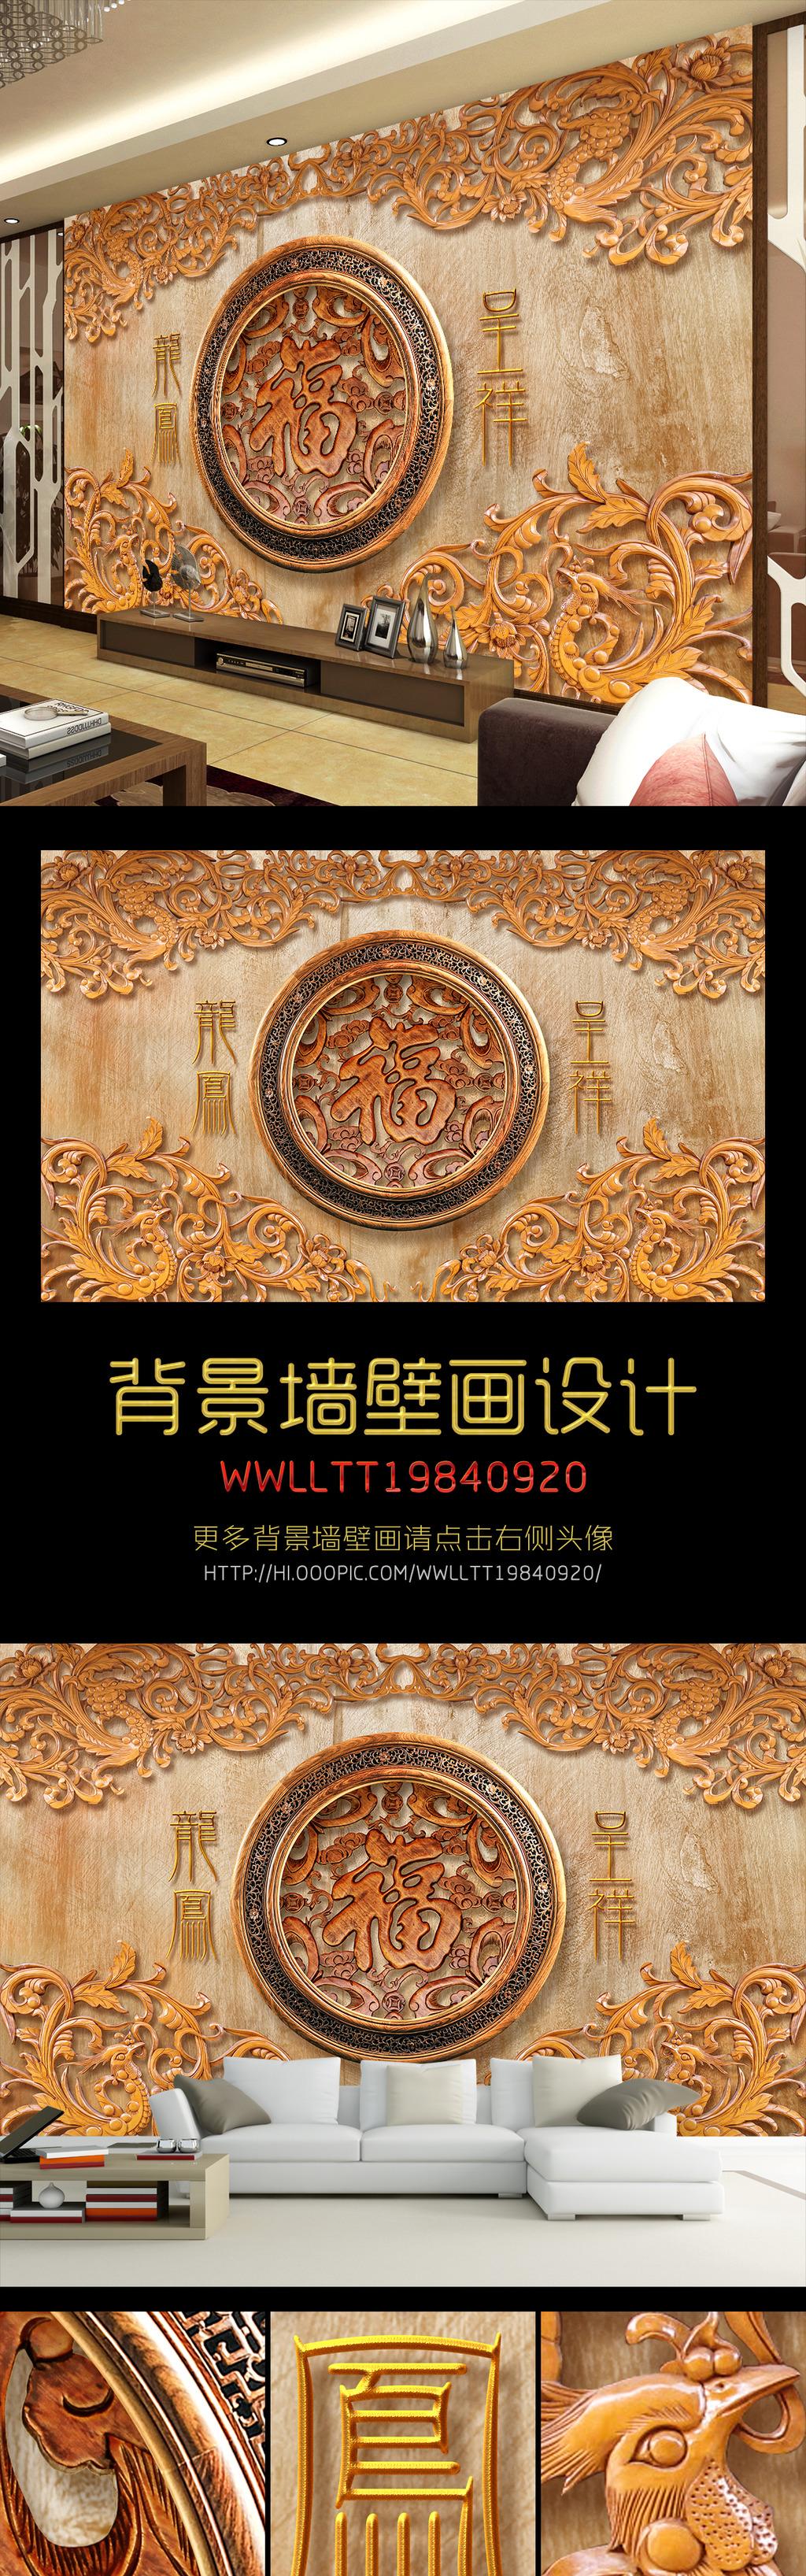 高档木雕龙凤呈祥福字电视沙发背景墙装饰画